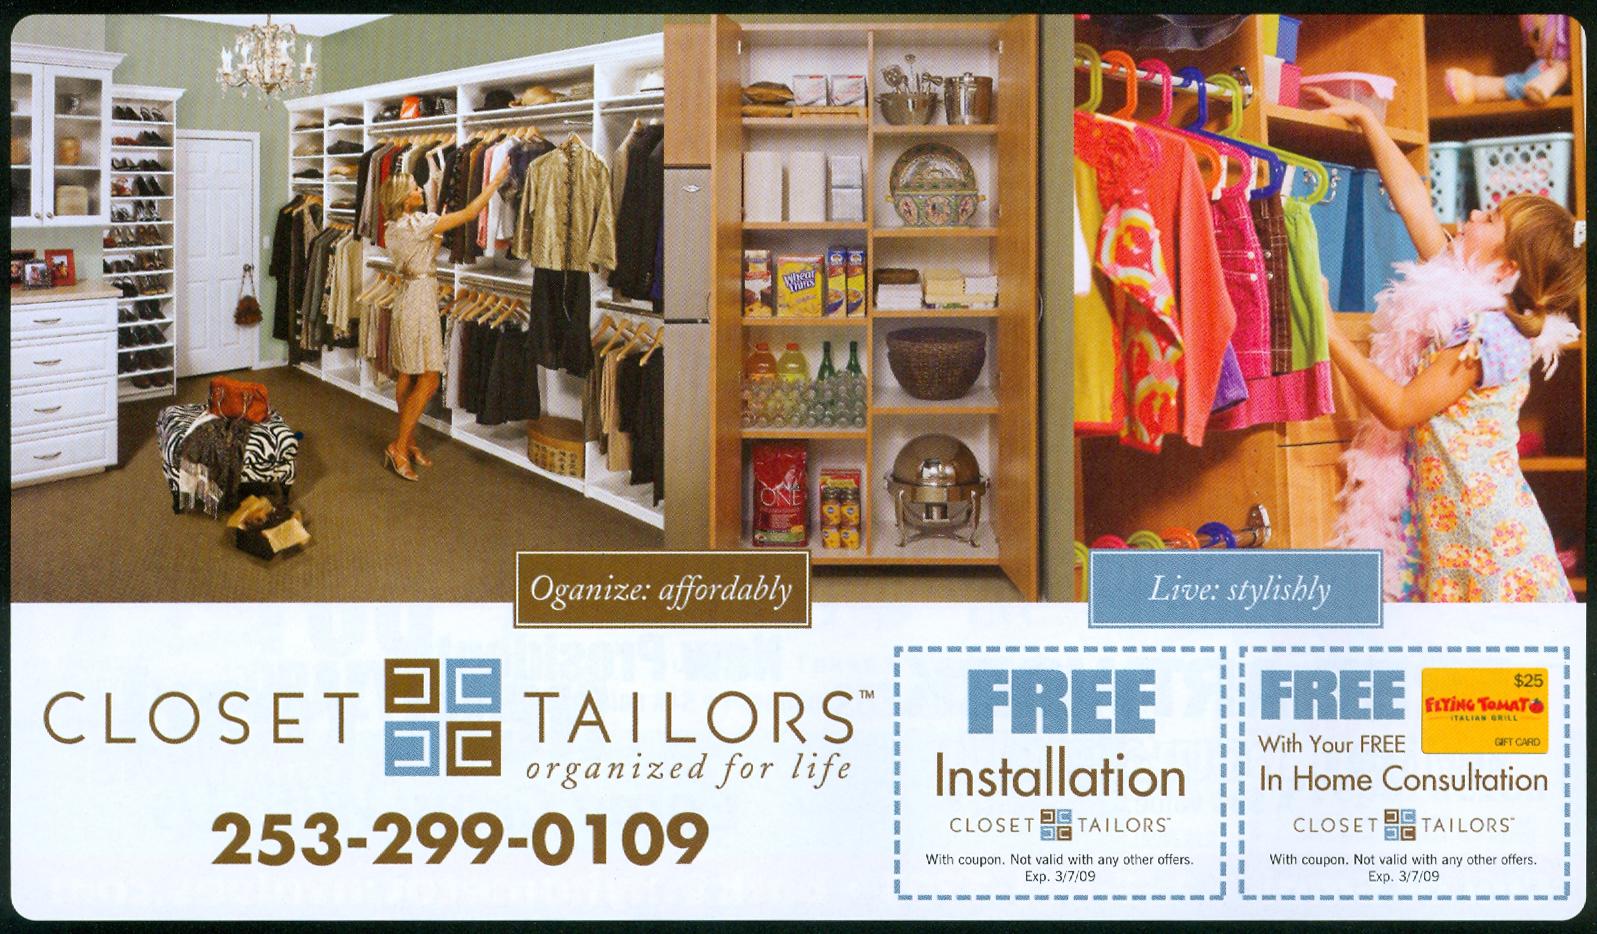 Closet Tailors